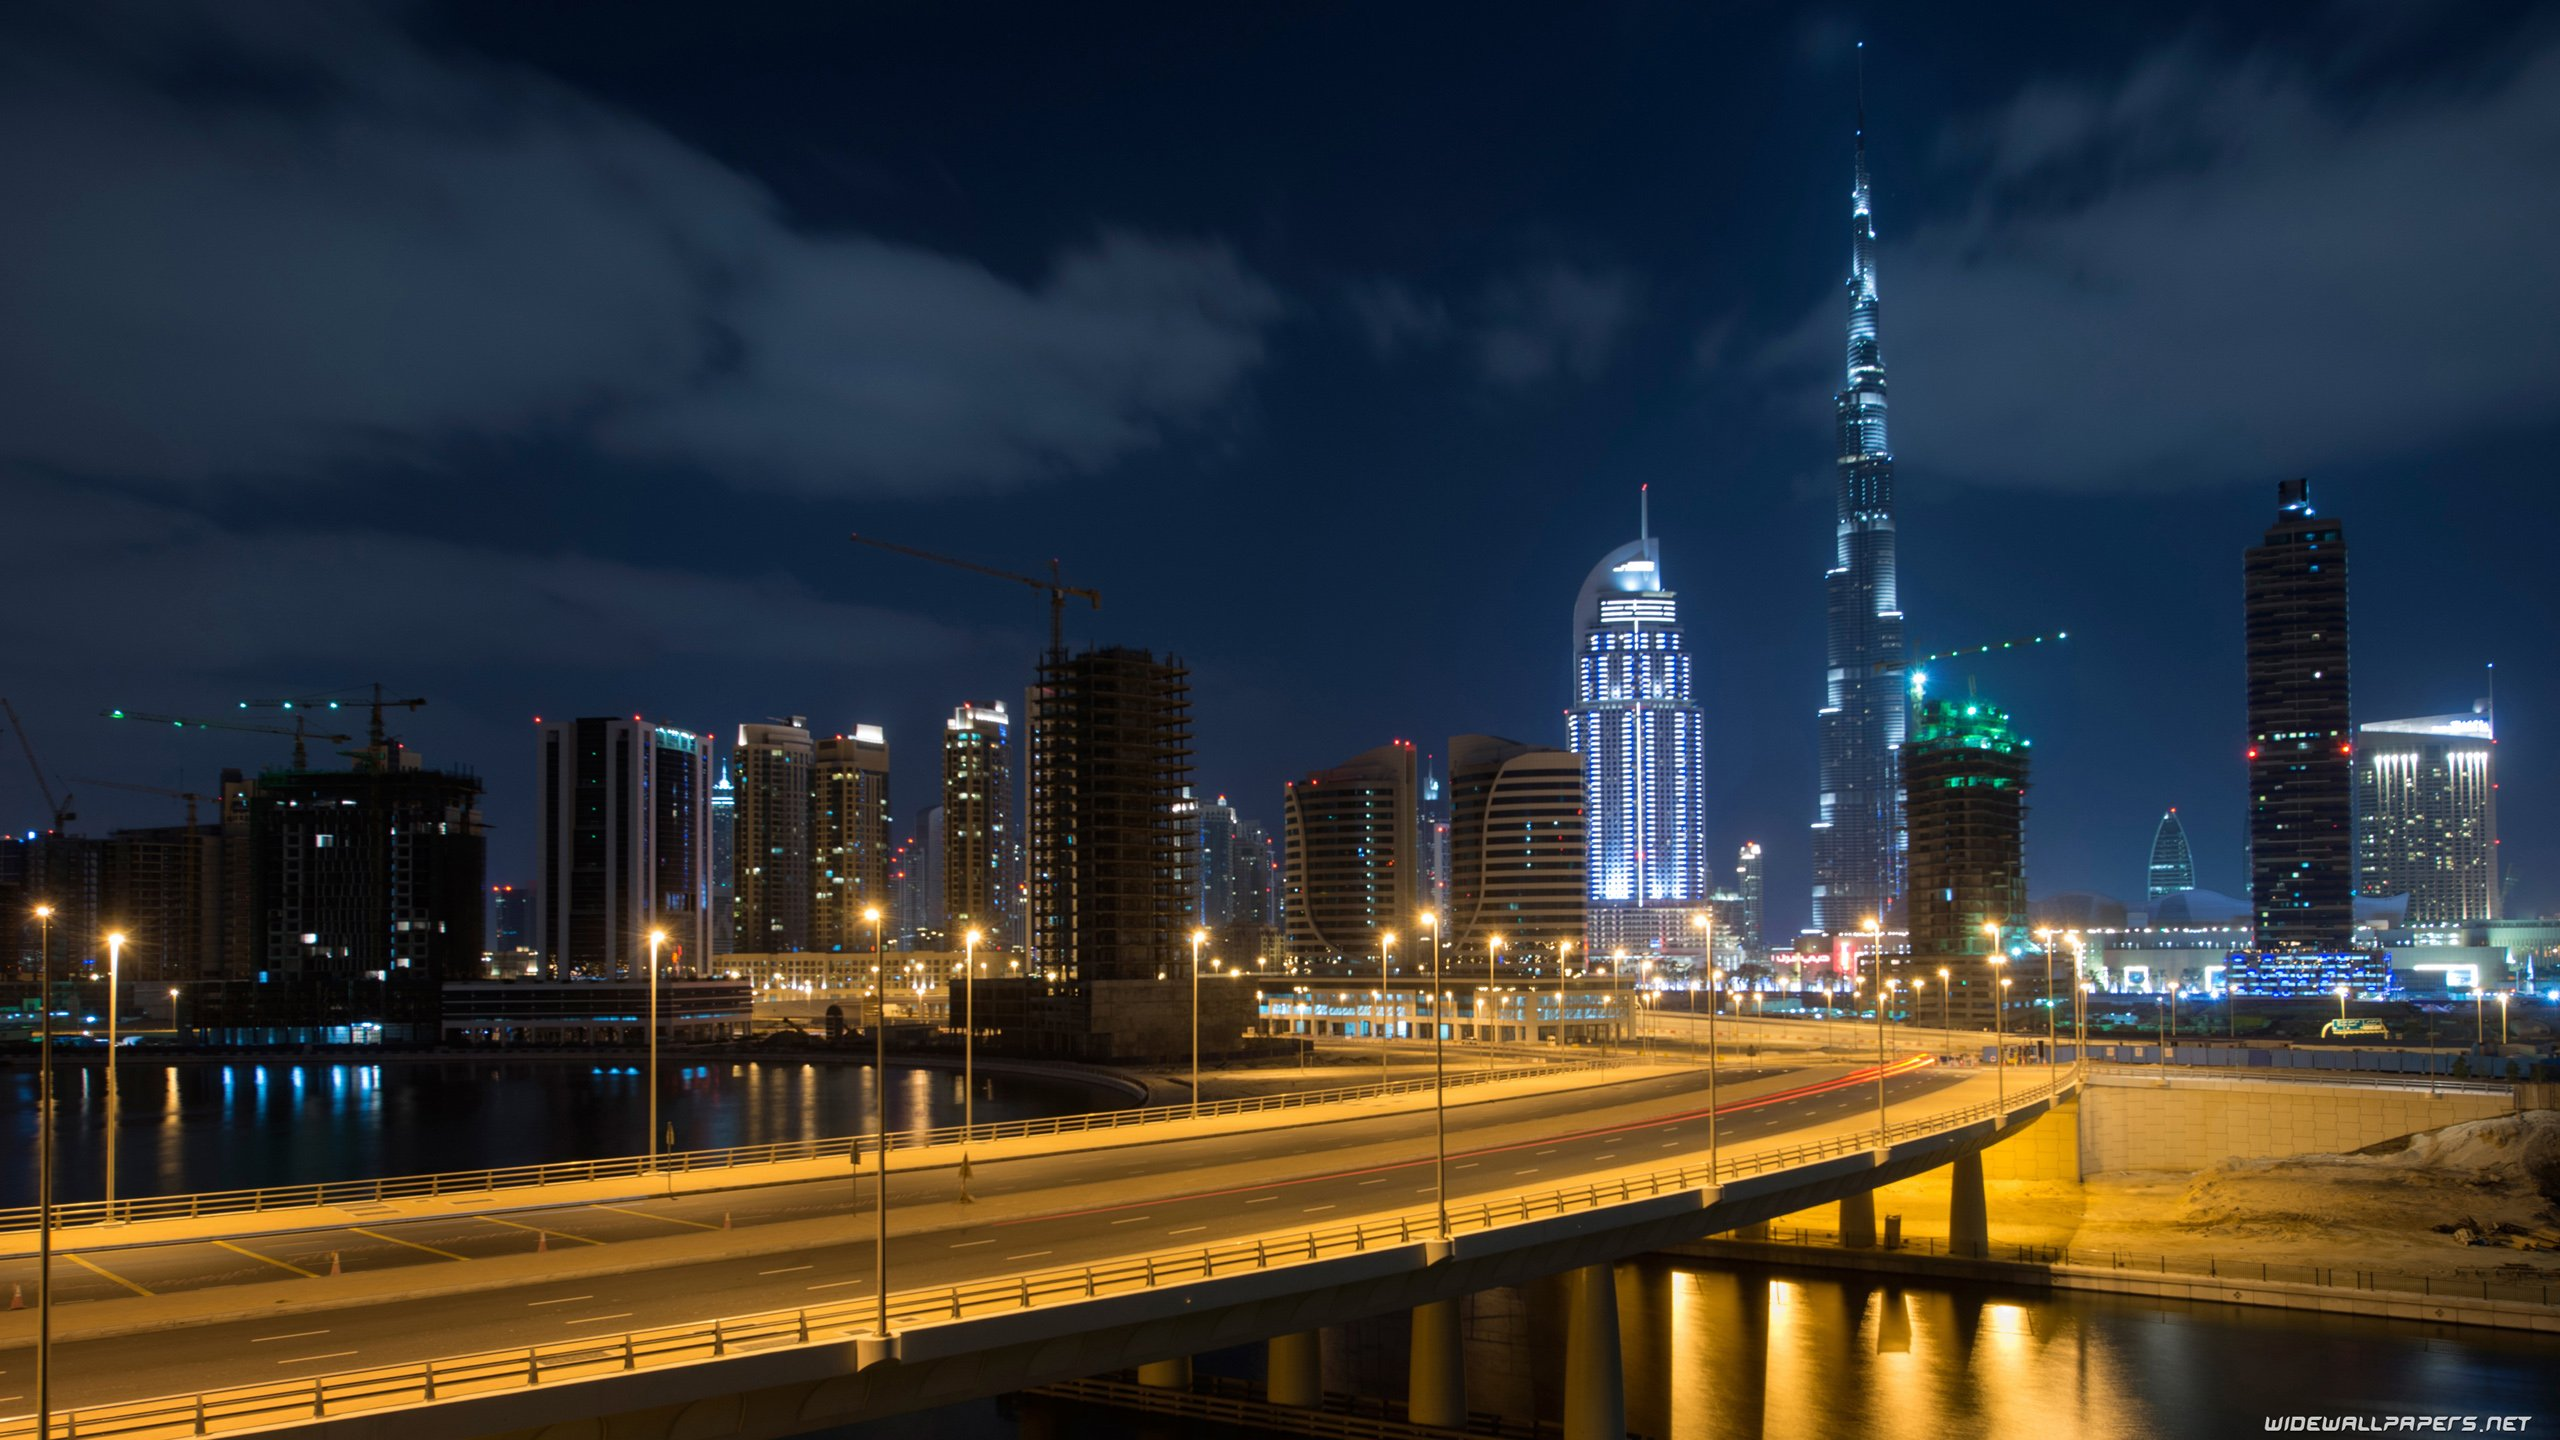 Dubai 4k wallpaper wallpapersafari - 4k ultra hd wallpapers for desktop ...